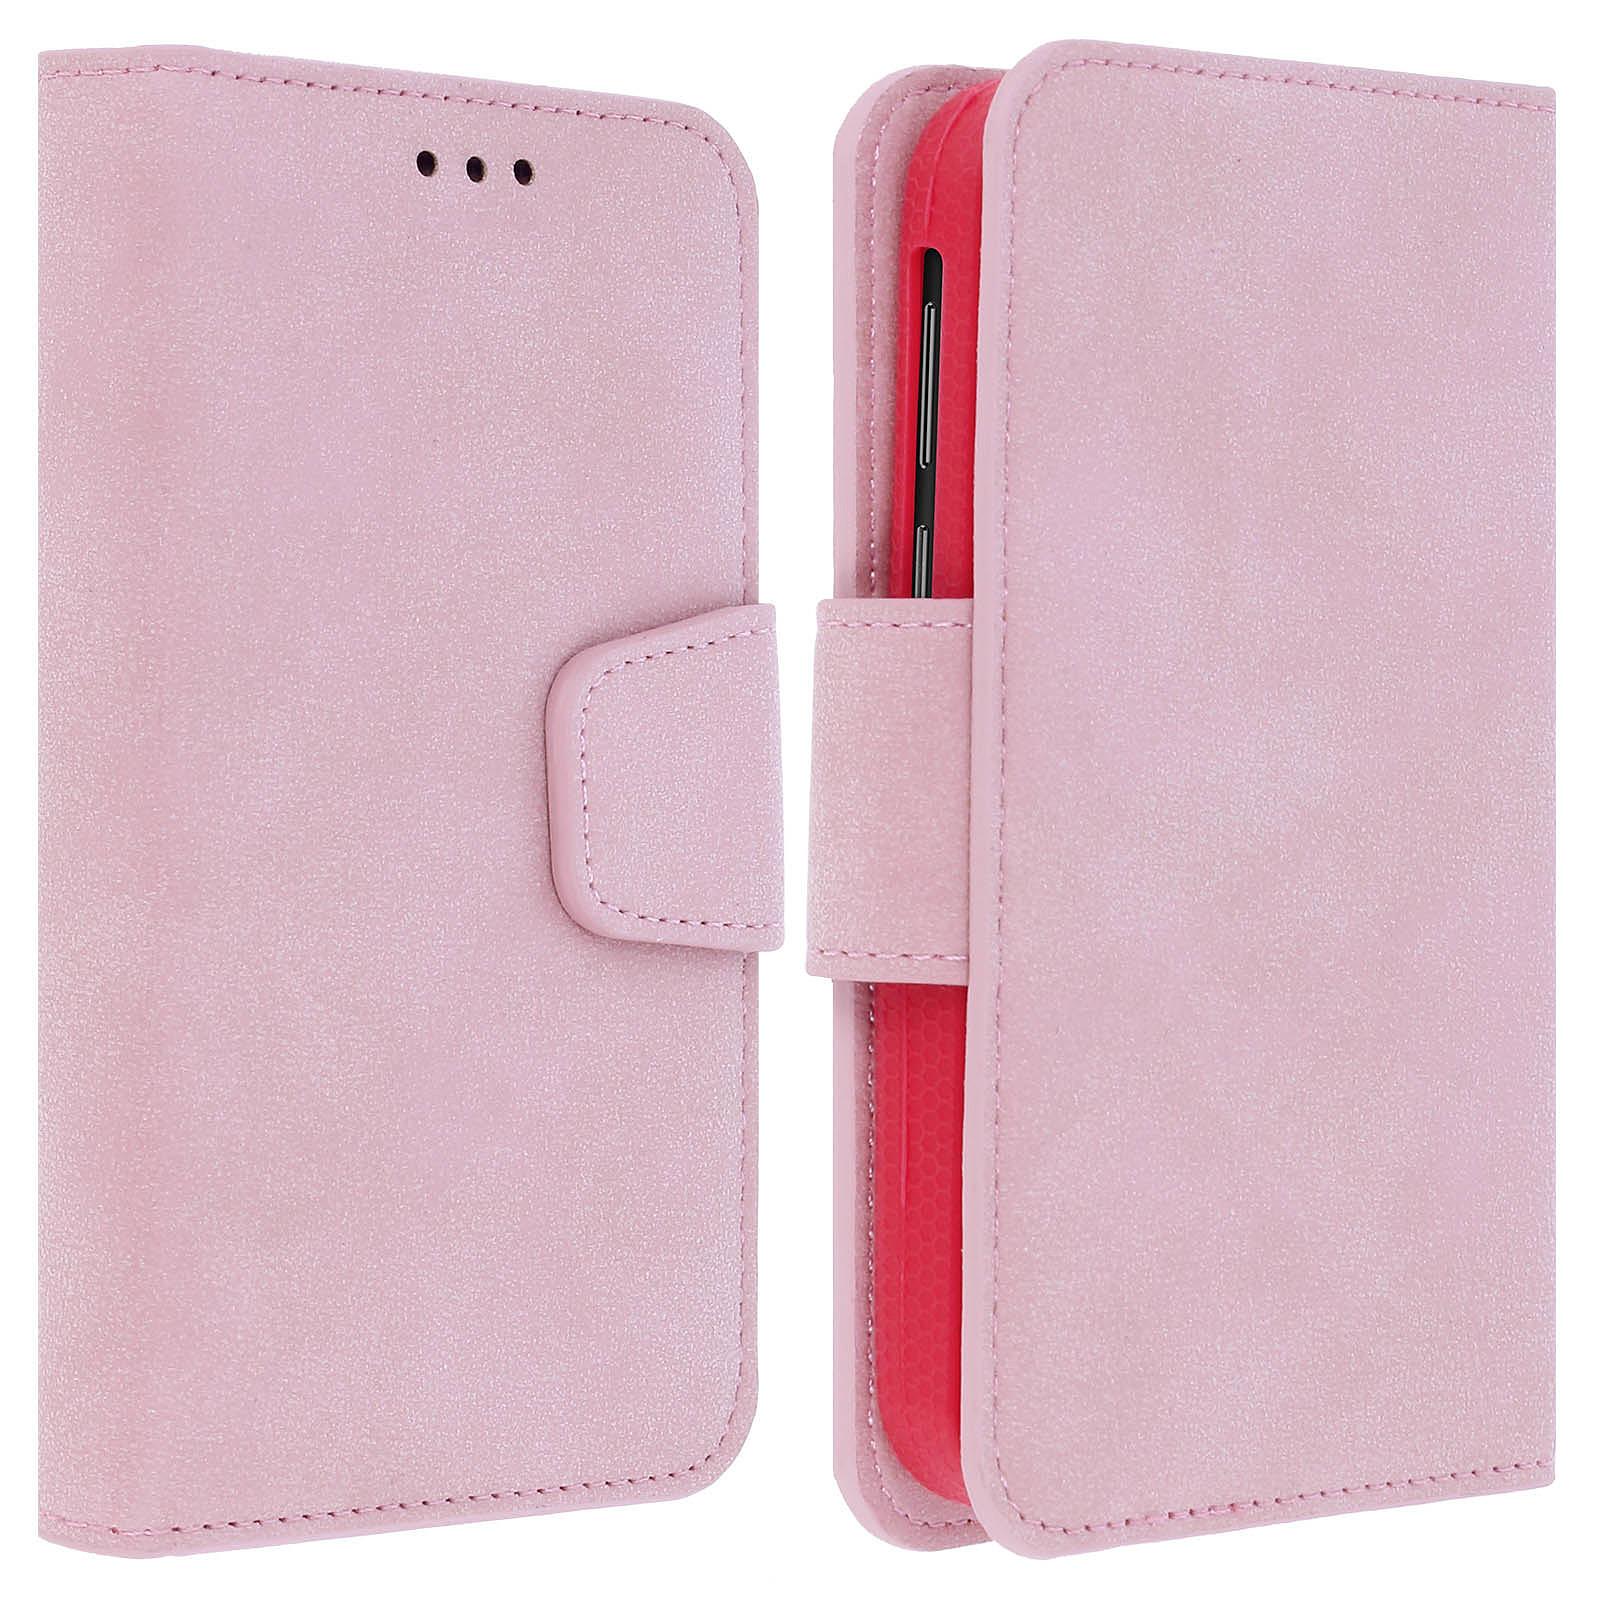 Avizar Etui folio Rose pour Tous les smartphones jusqu'à 6 pouces